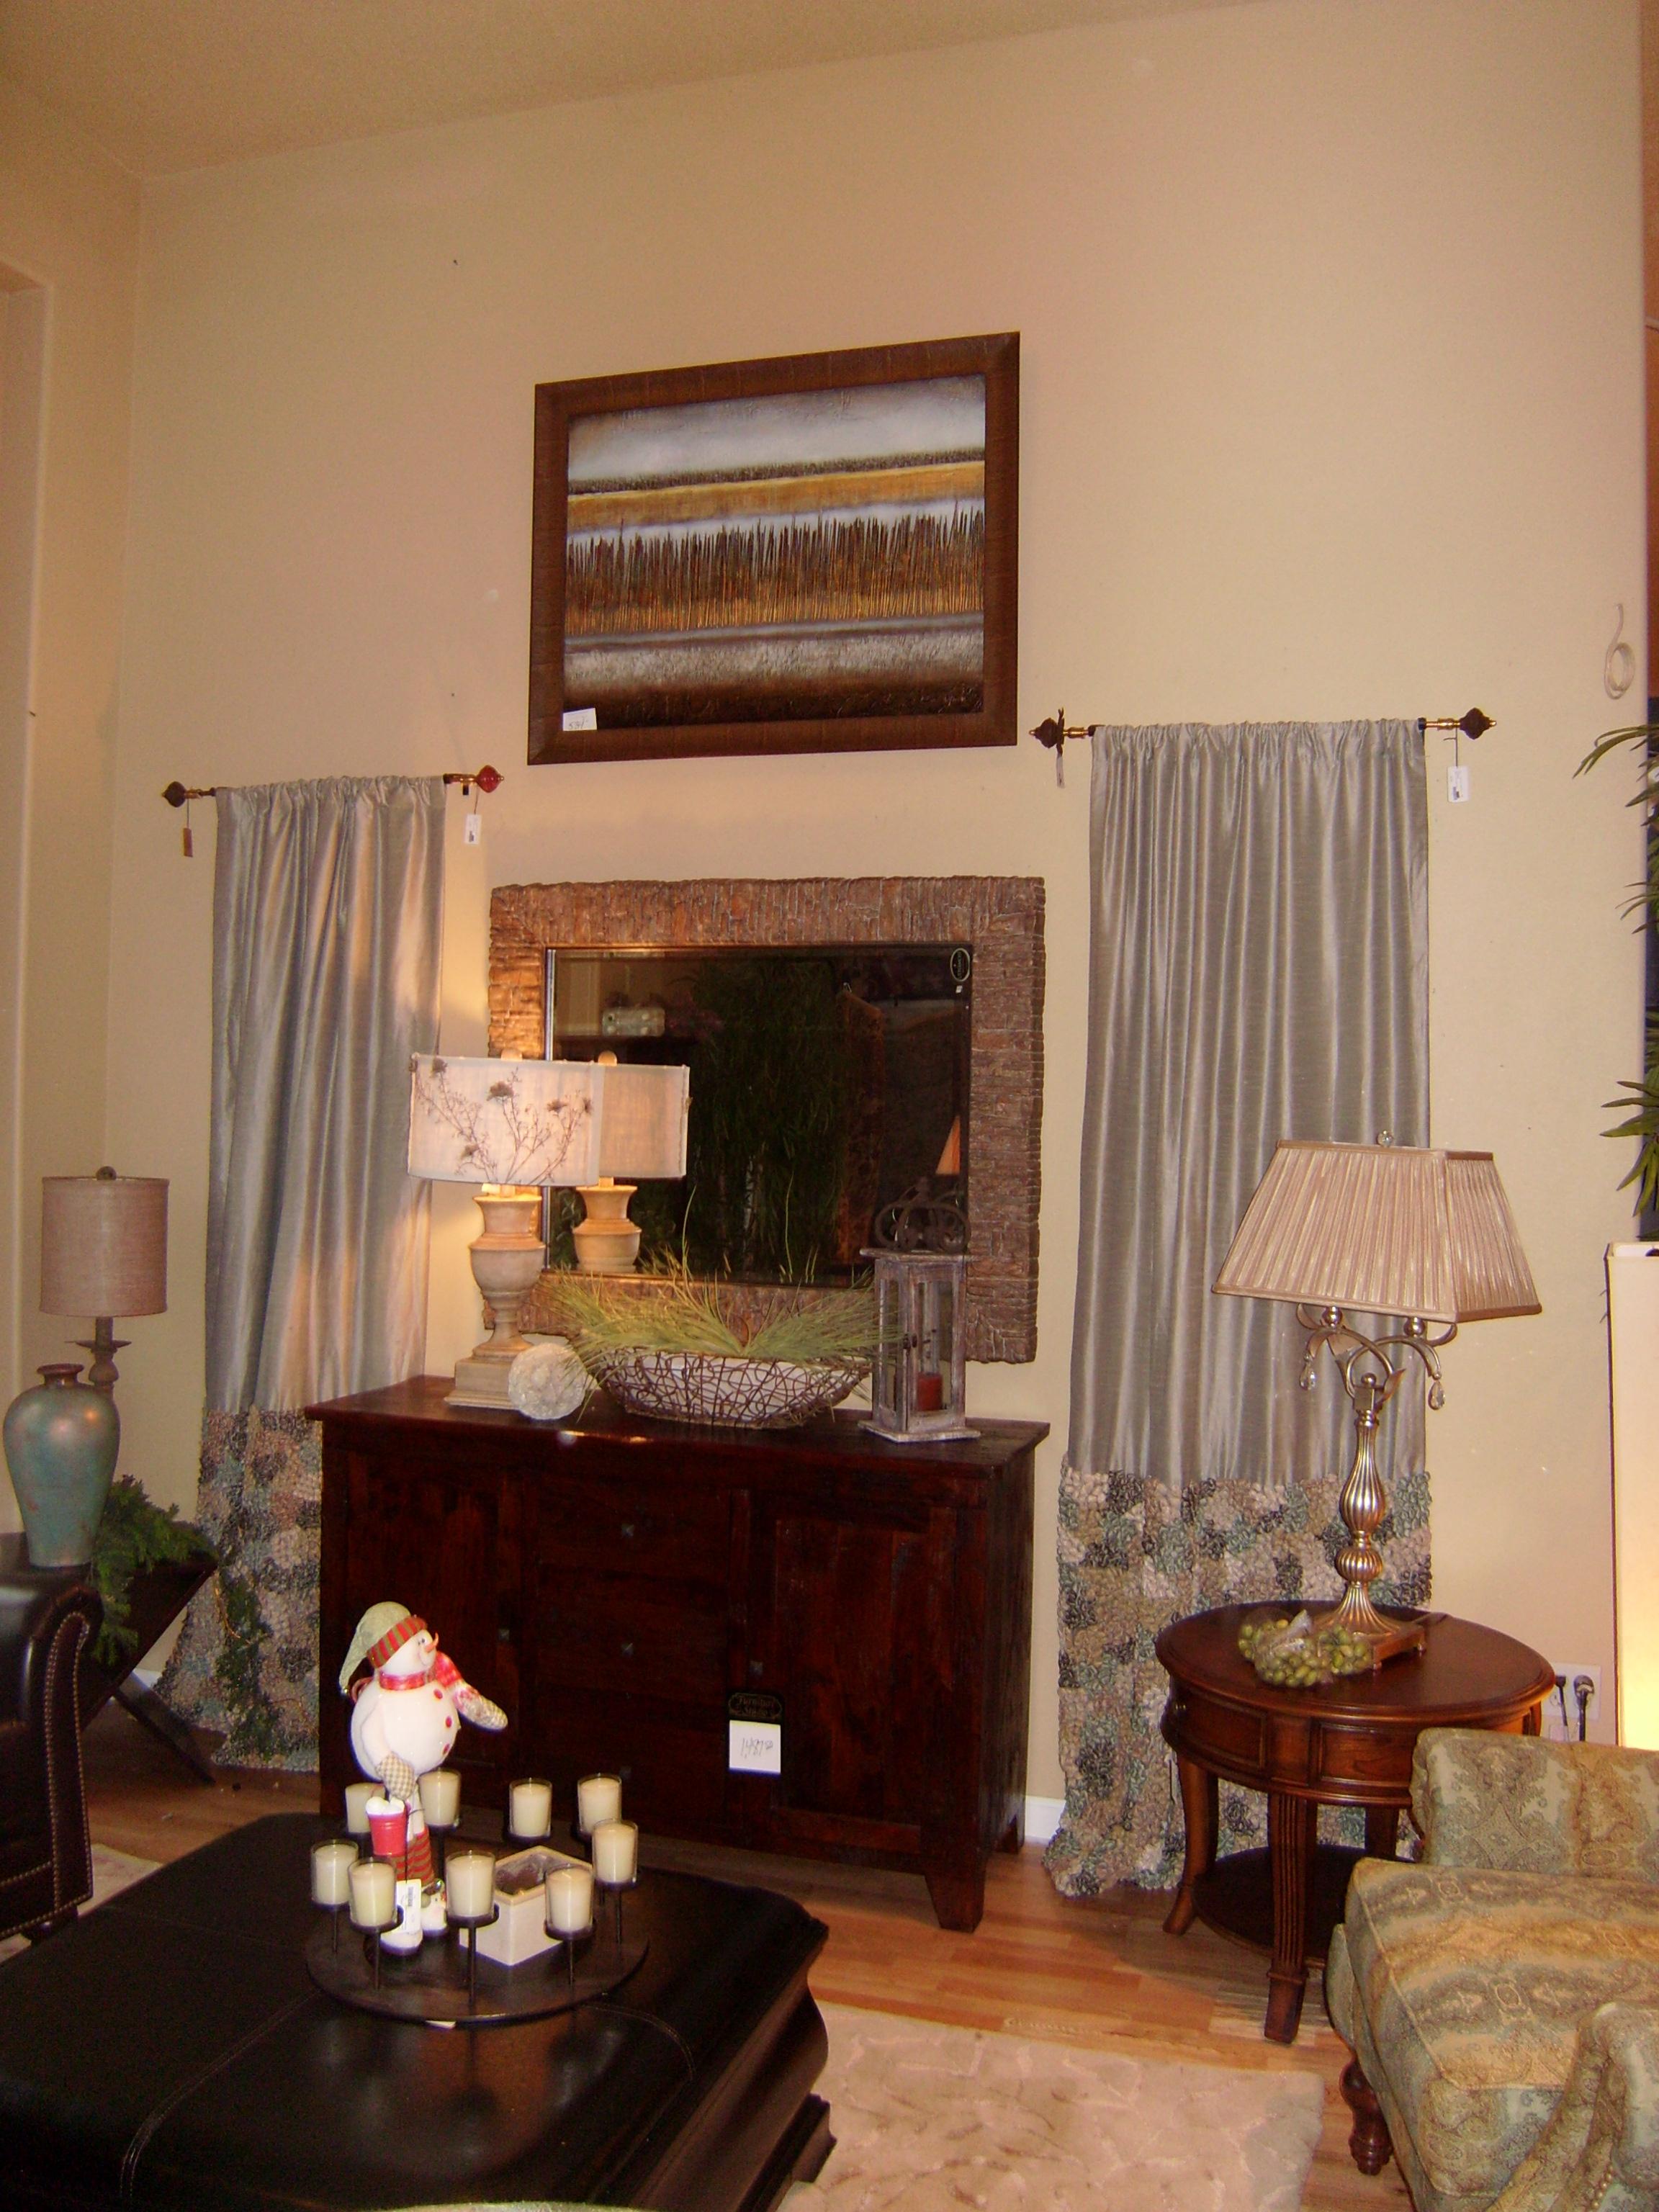 GoRapids.com Home Design & Trends: Ornaments of the Season